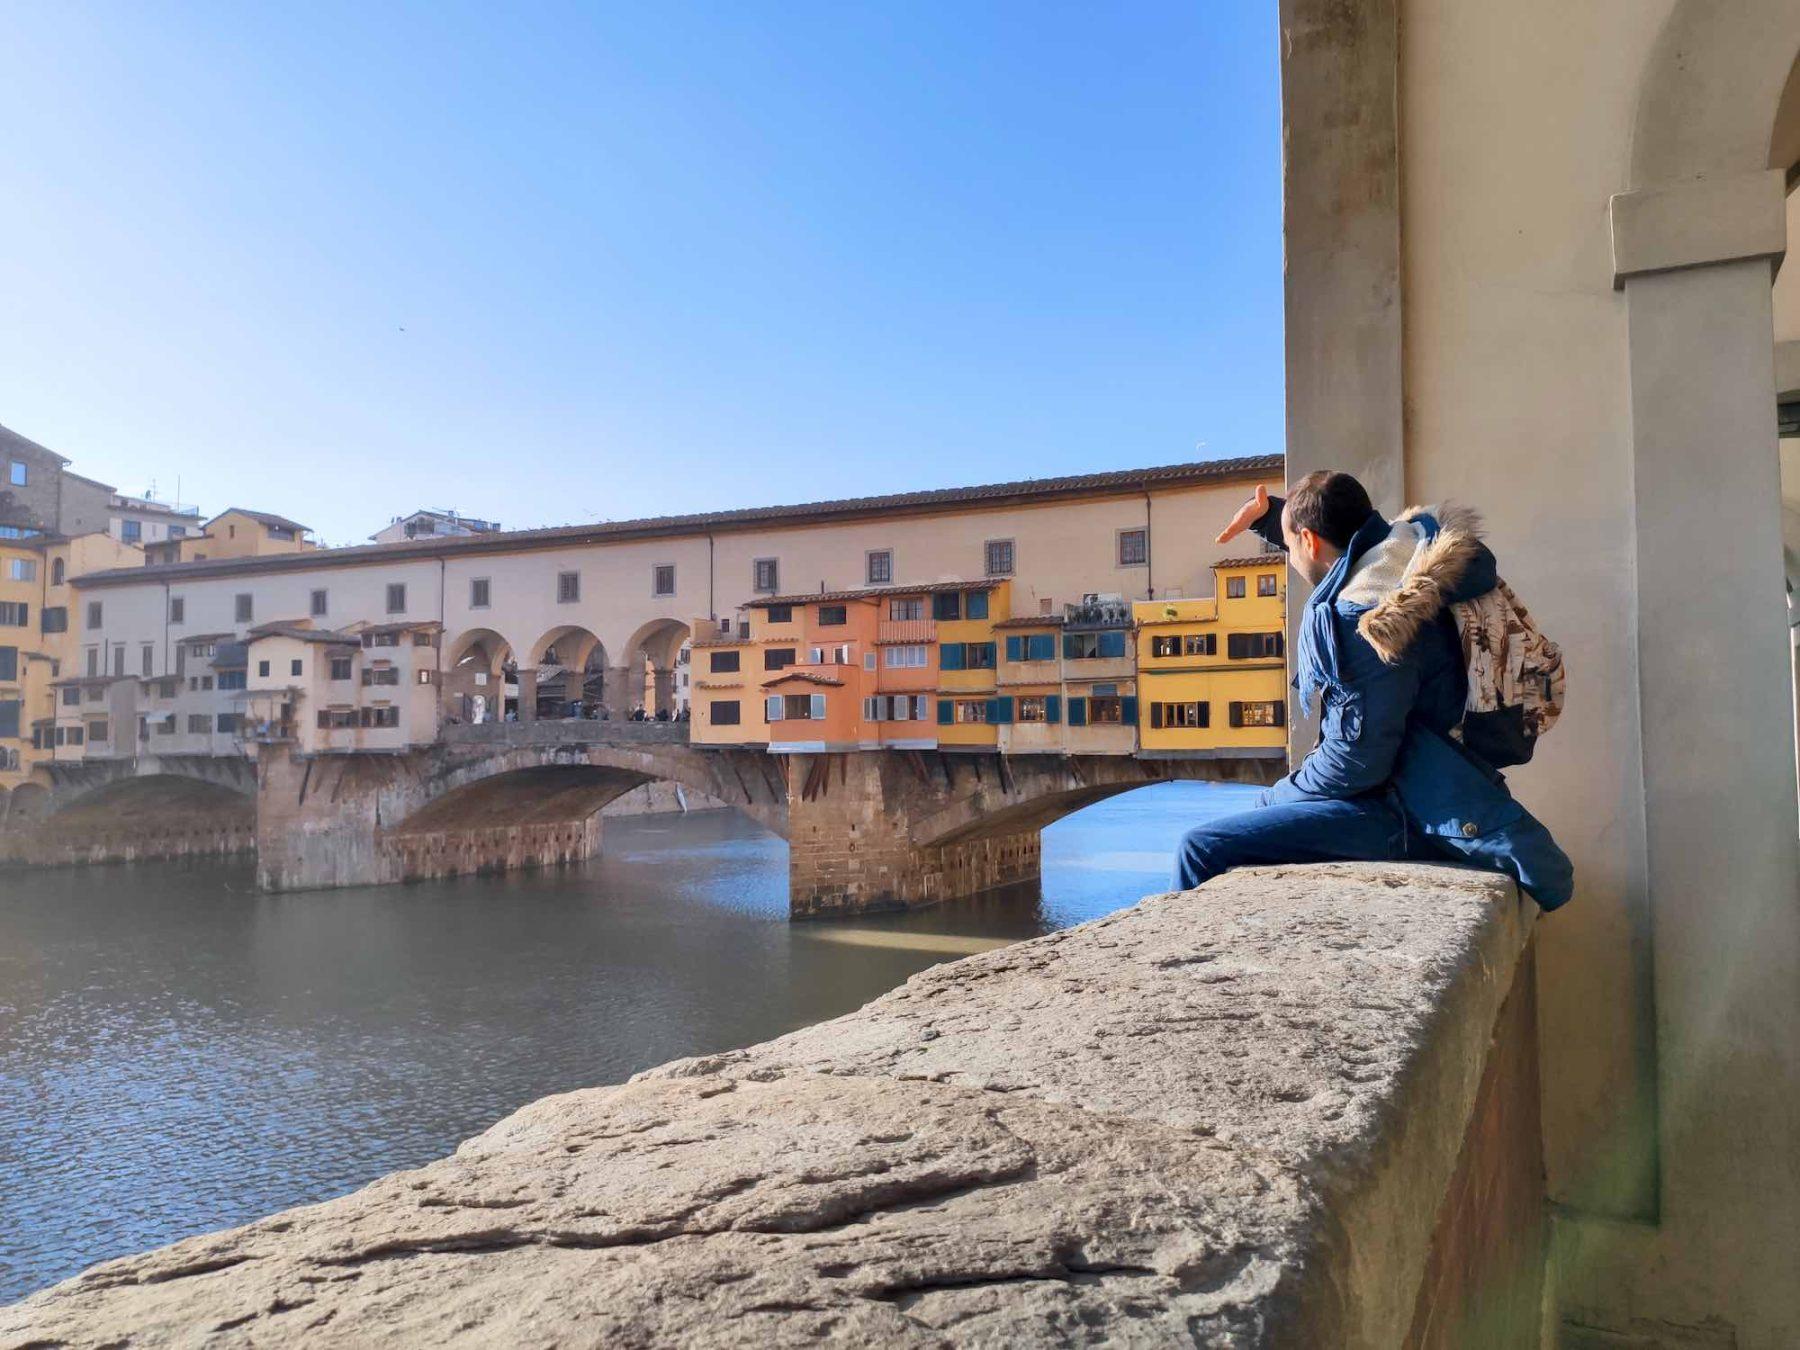 Turista seduto sulla balaustra di fronte a Ponte Vecchio a Firenze